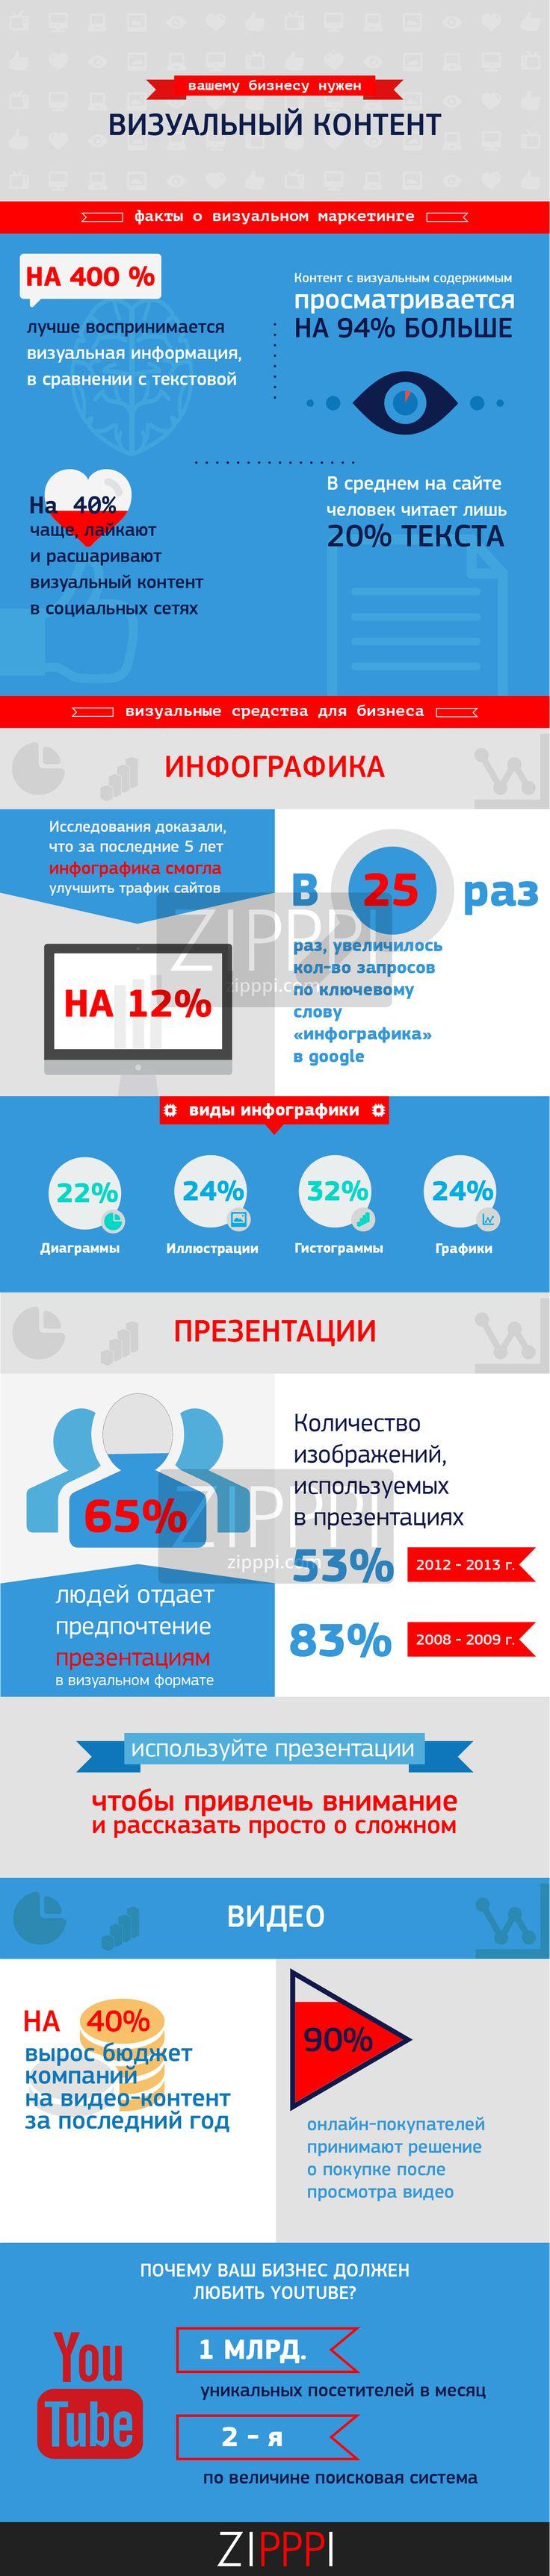 Инфографика ZIPPPI infograph